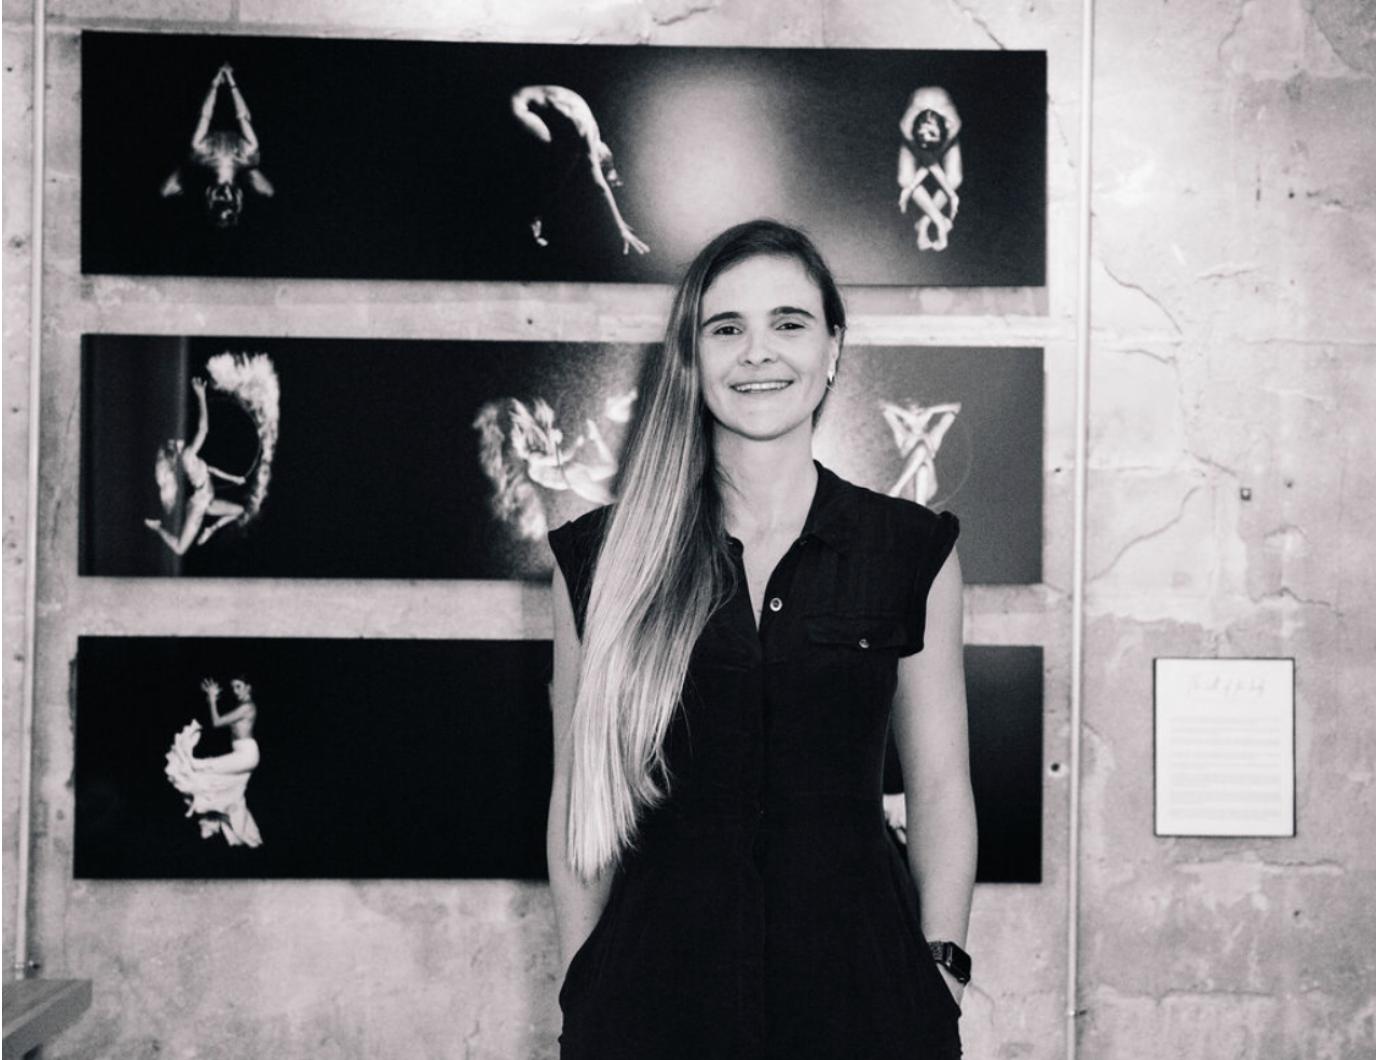 Anabela Salcedo, directora del documental Roraima: Quedan muchos proyectos por hacer